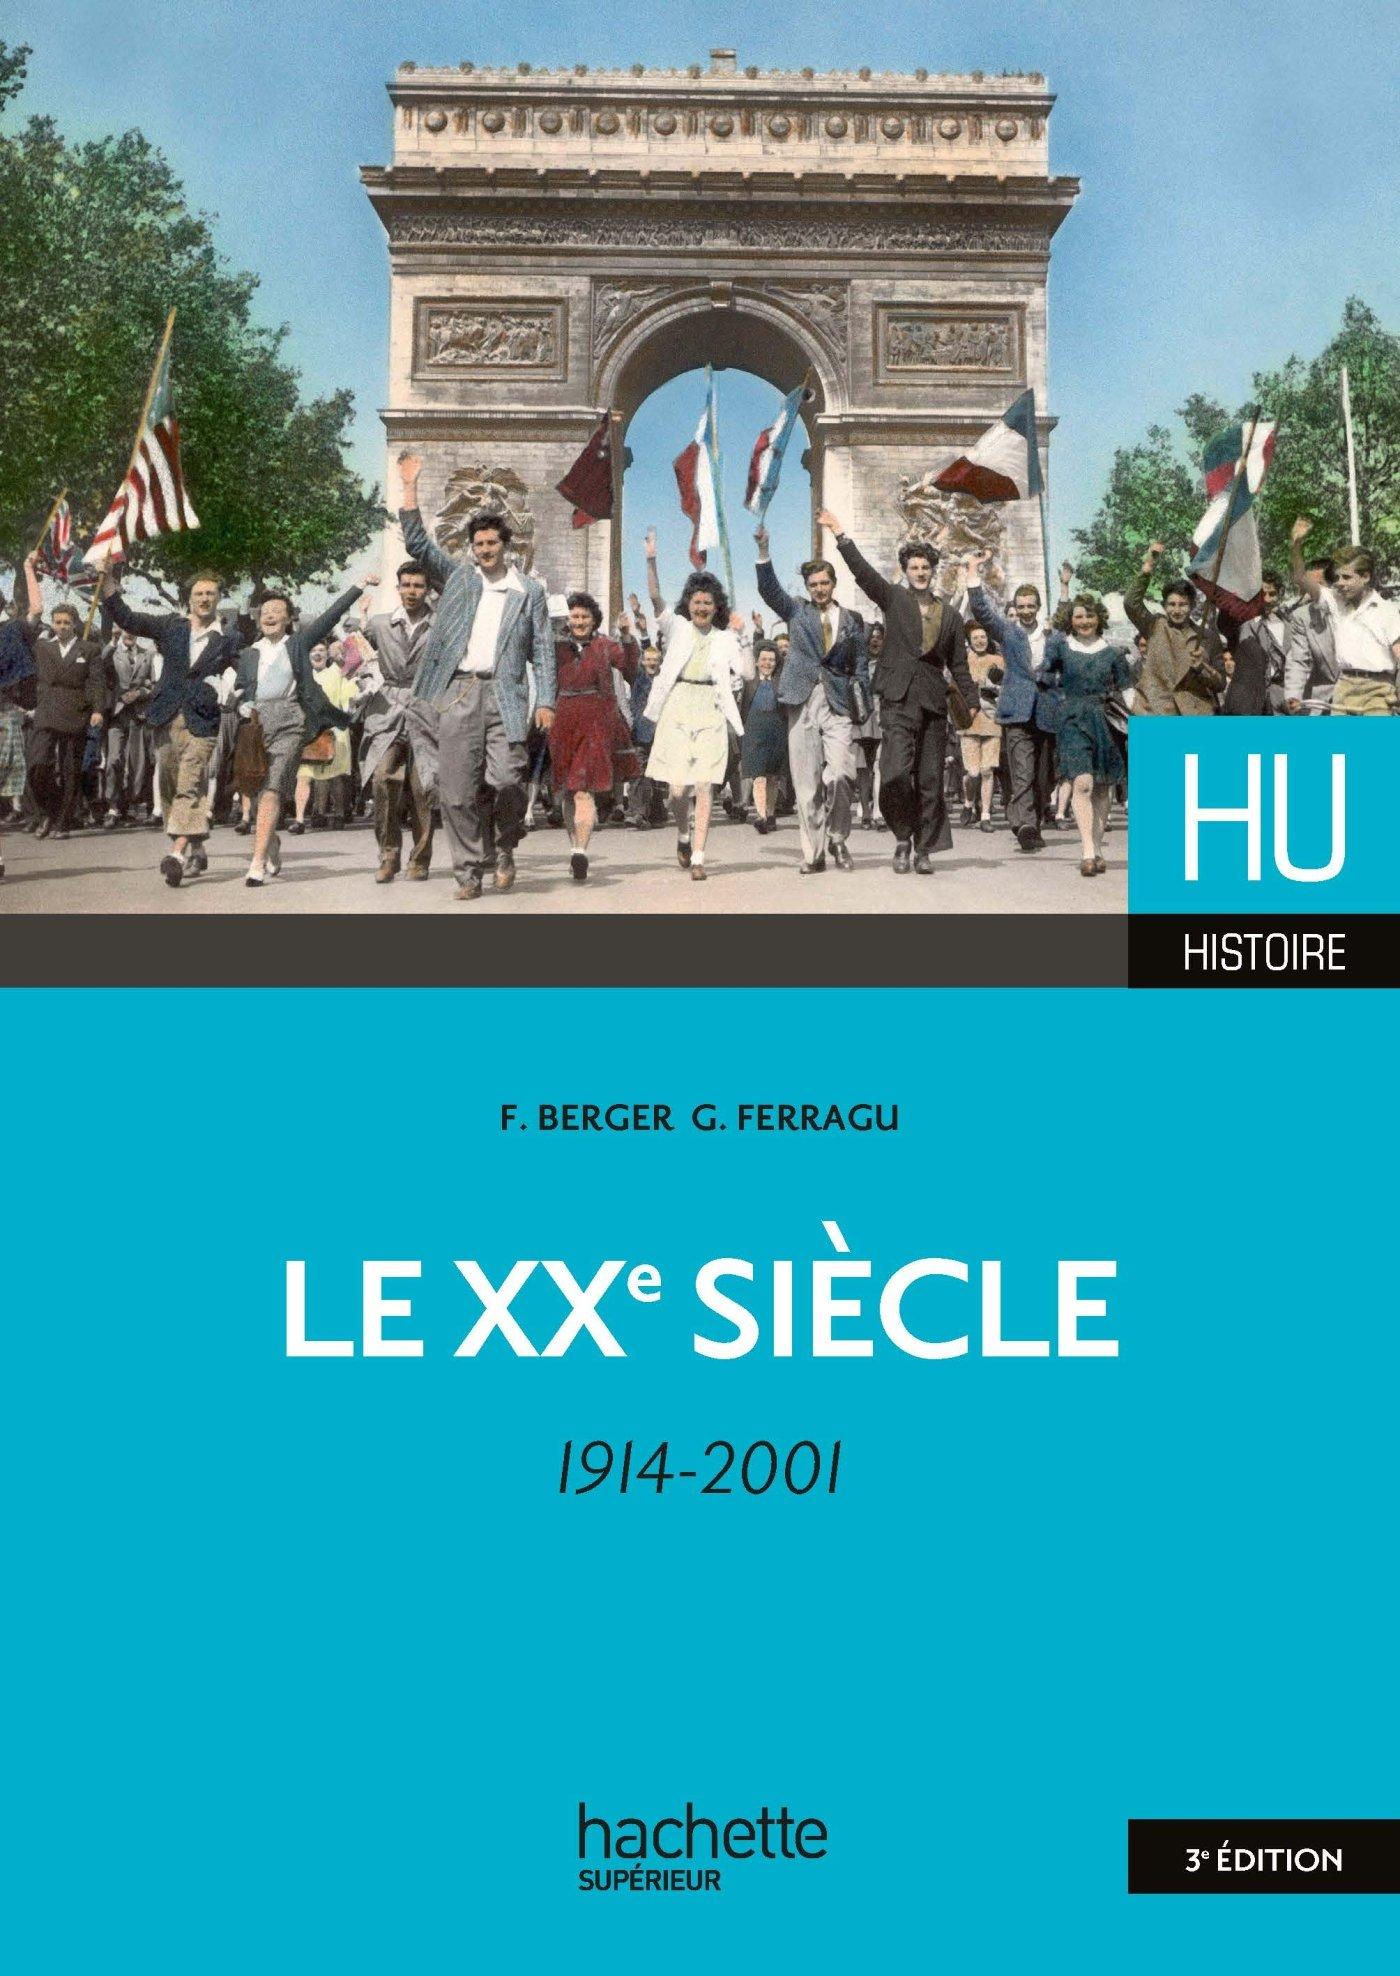 Le XXe siècle ( 1914-2001 ). Hachette